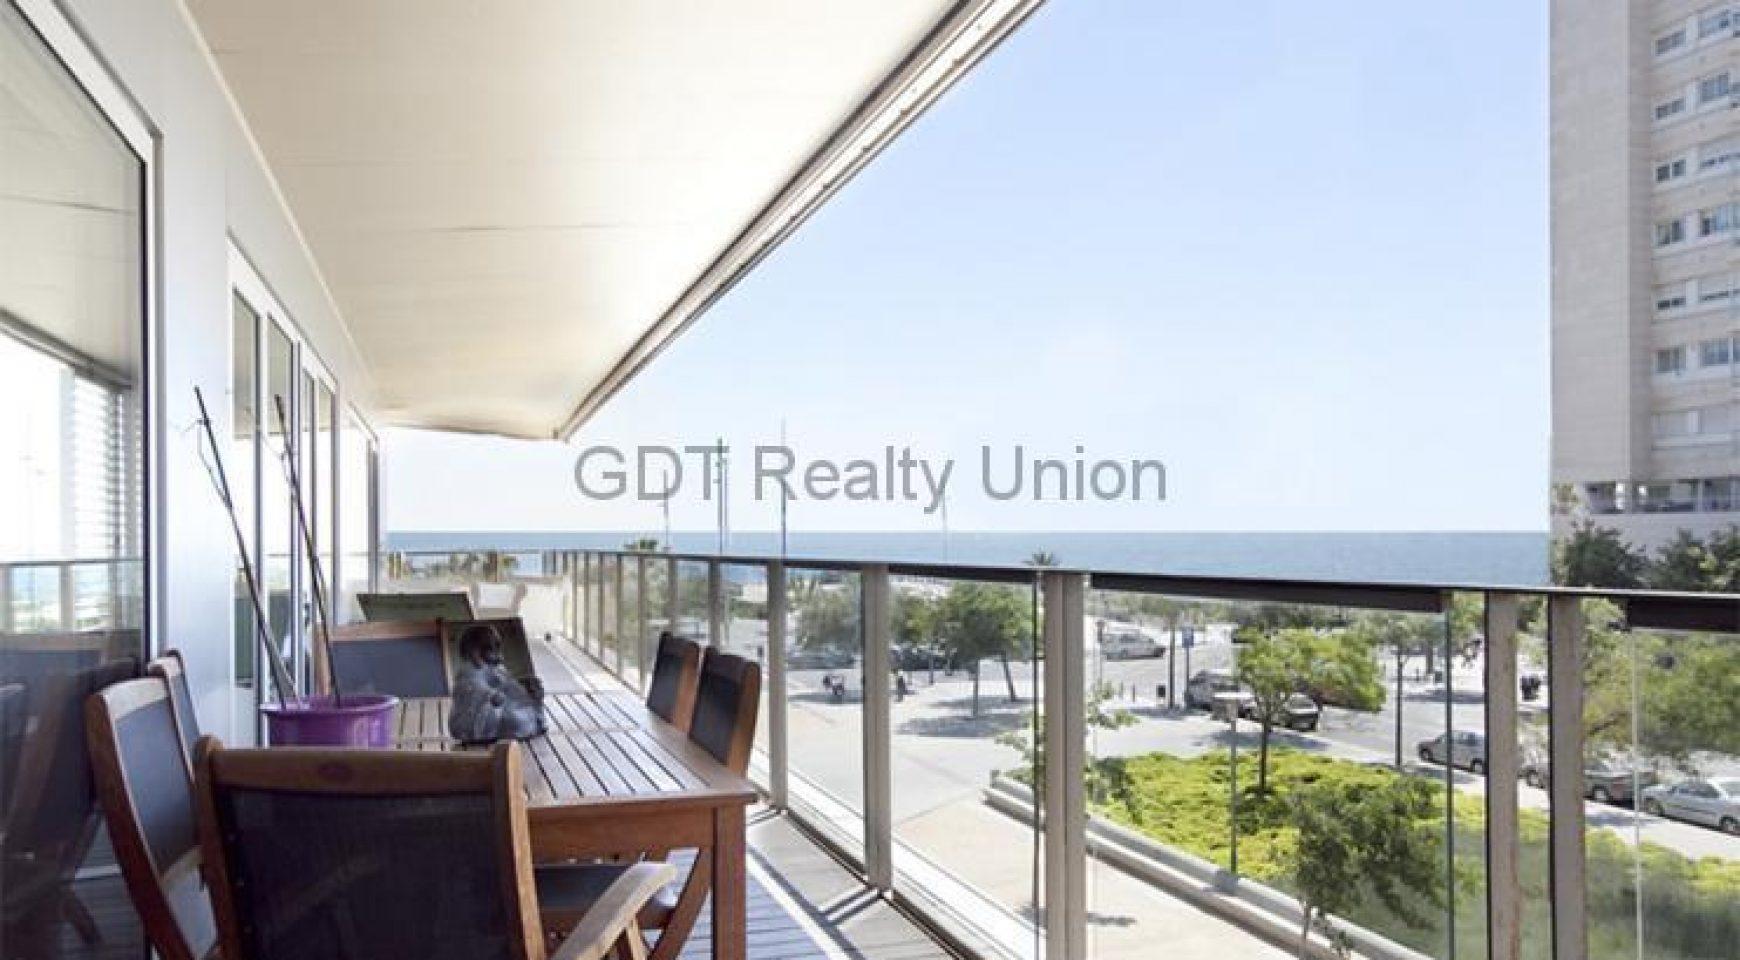 Piso a 100 metros de la playa con licencia turistica gdt realty union - Piso con licencia turistica barcelona ...